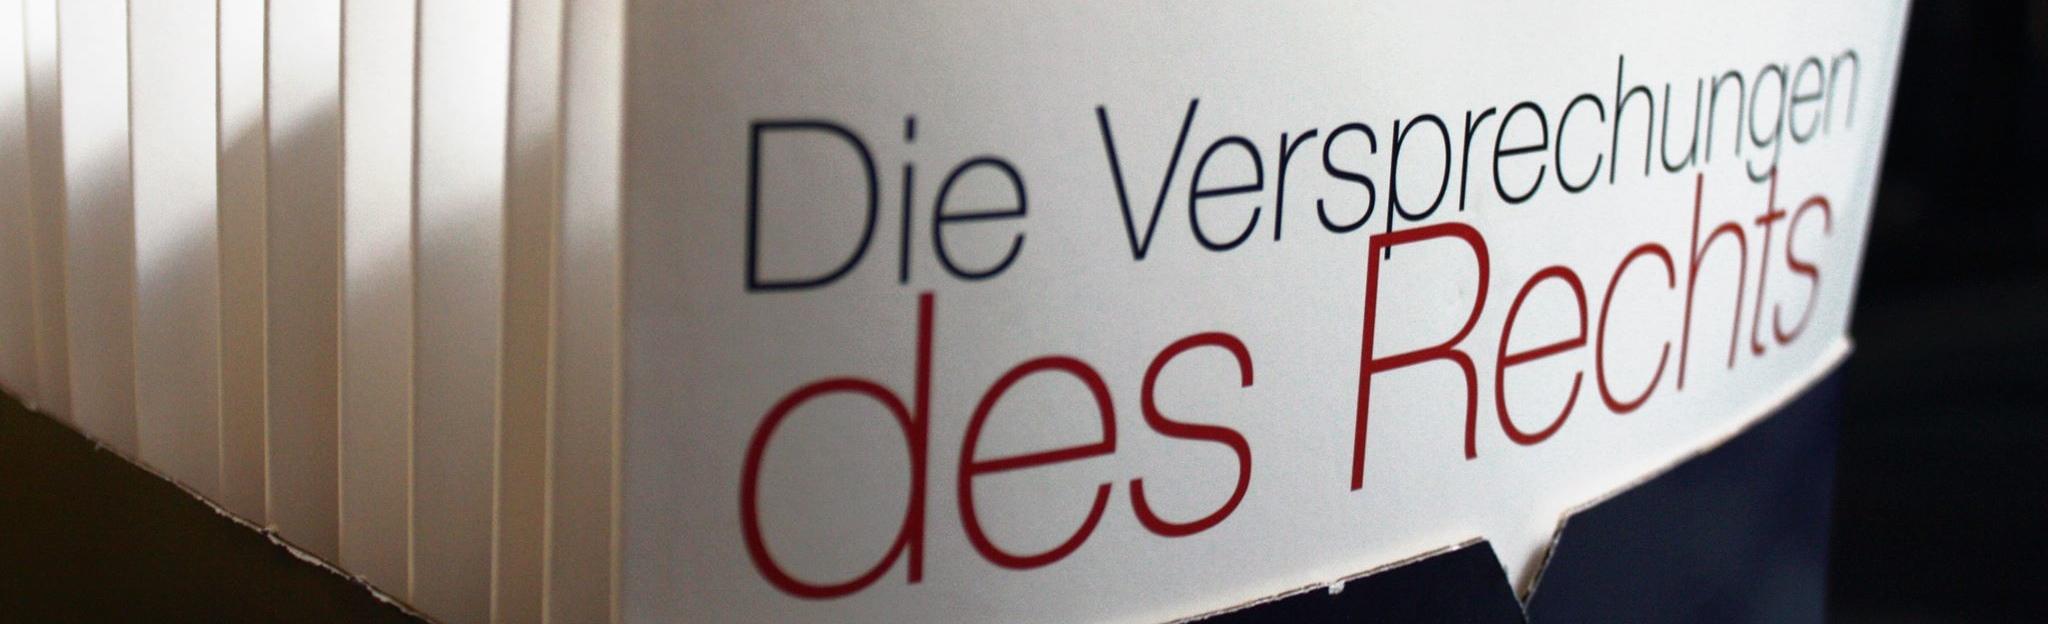 Die Versprechungen des Rechts. Die Berichterstattung zum 3. Kongress der deutschsprachigen Rechtssoziologie